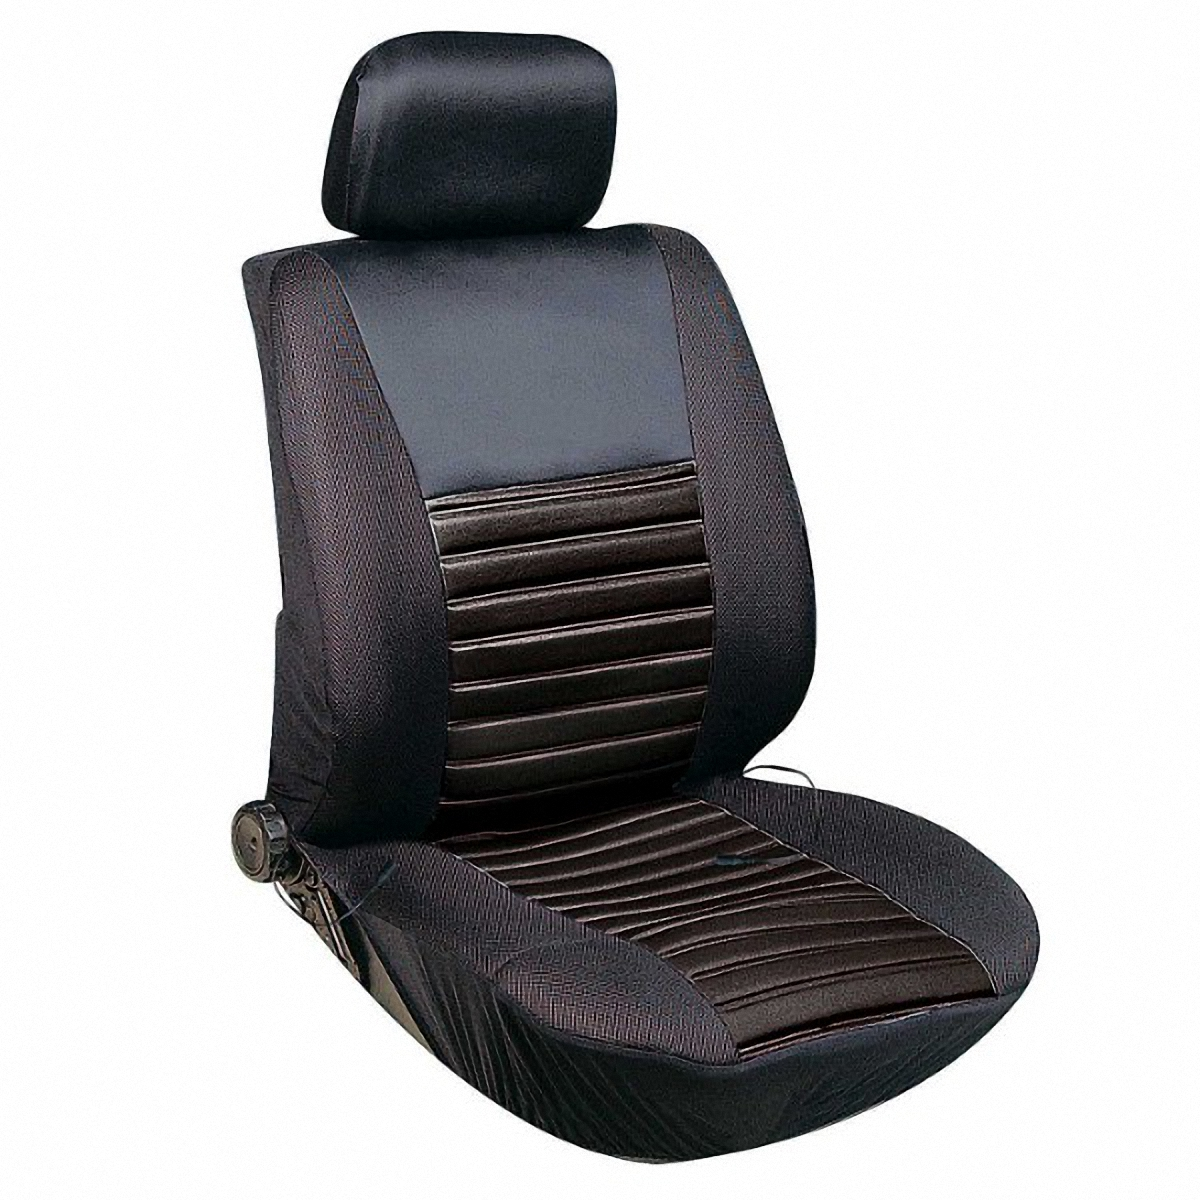 Чехол на сиденье Skyway 12V, с подогревом, цвет: черный, 116 х 56 смS02202007Чехол на сиденье Skyway 12V, изготовленный из полиэстера, снижает усталость при управлении автомобилем и обеспечивает комфортное вождение в холодное время года.В качестве теплоносителя применяется углеродный материал. Такой нагреватель обладает феноменальной гибкостью и прочностью на разрыв в отличие от аналогов, изготовленных из медного или иного металлического провода.Устройство подключается к прикуривателю на 12V.Размер чехла: 116 х 56 см.